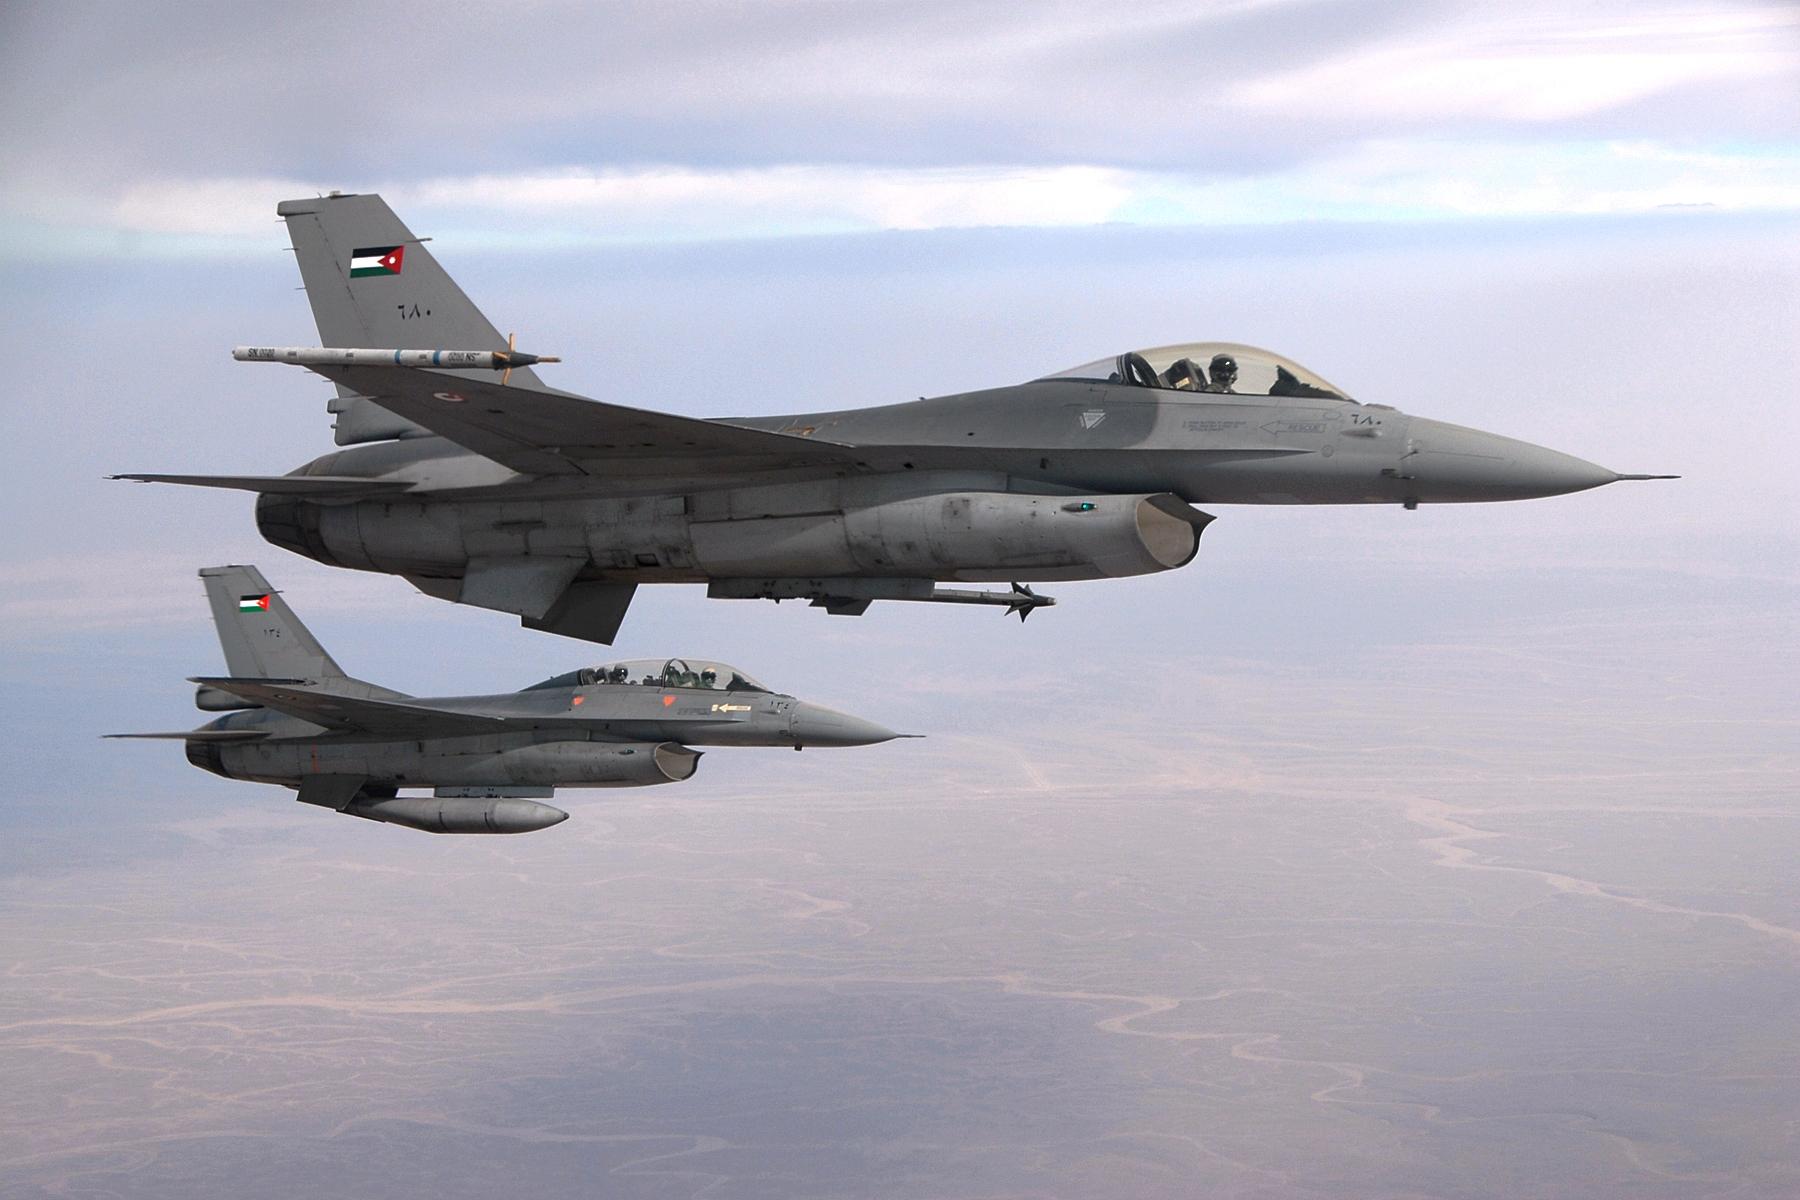 Jordanische F-16 Kampfjets, die im Kampf gegen den IS eingesetzt werden (U.S. Air Force)